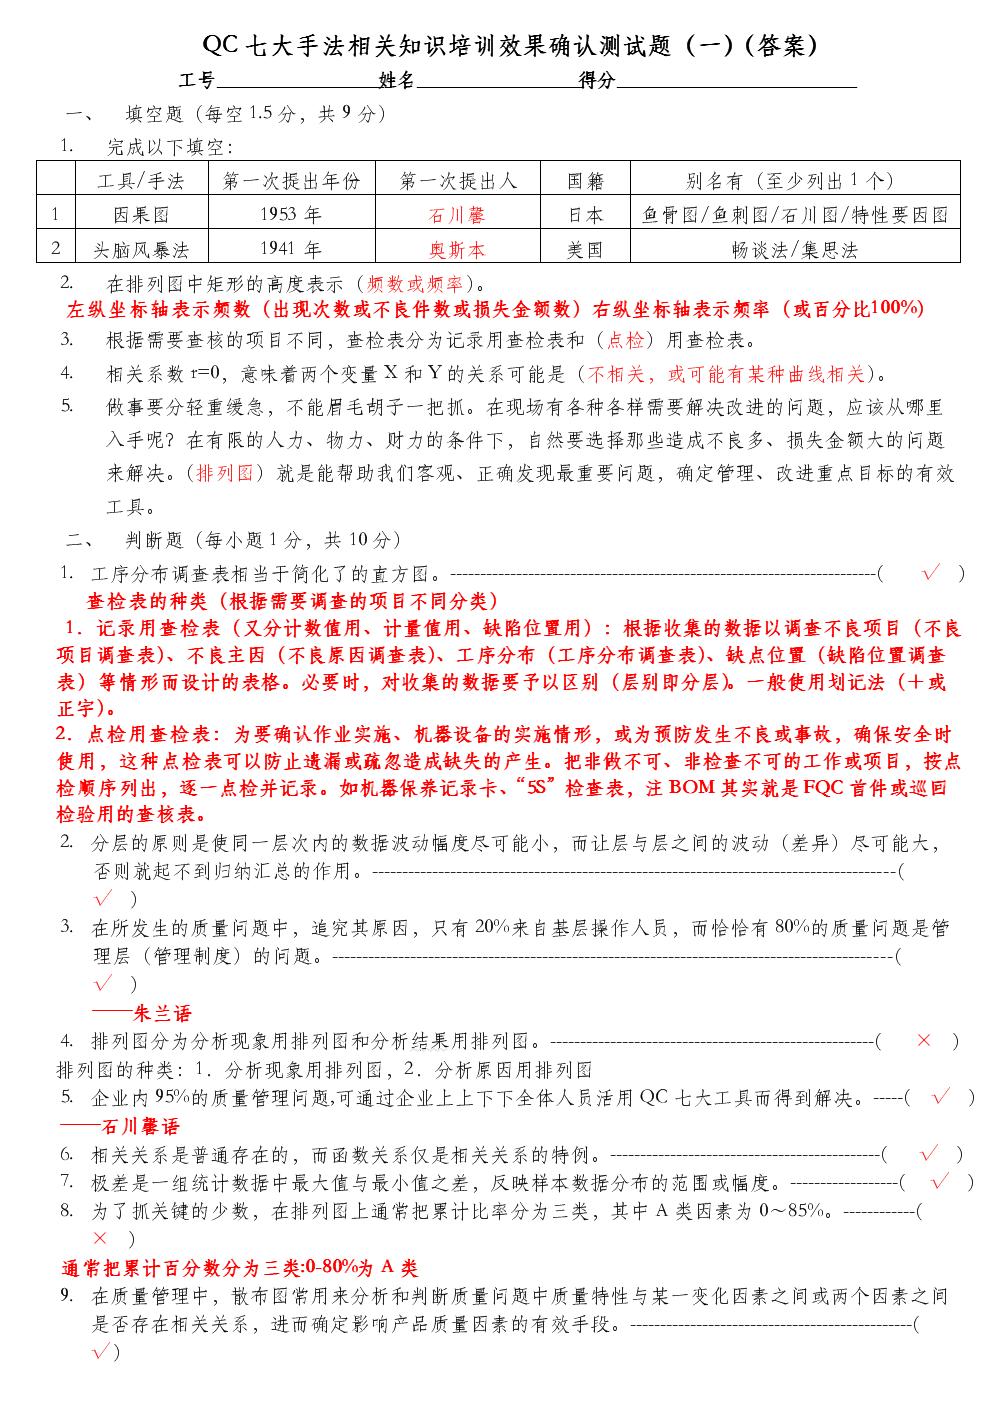 QC老七大手法相关知识培训后效果确认测试题二(答案).doc